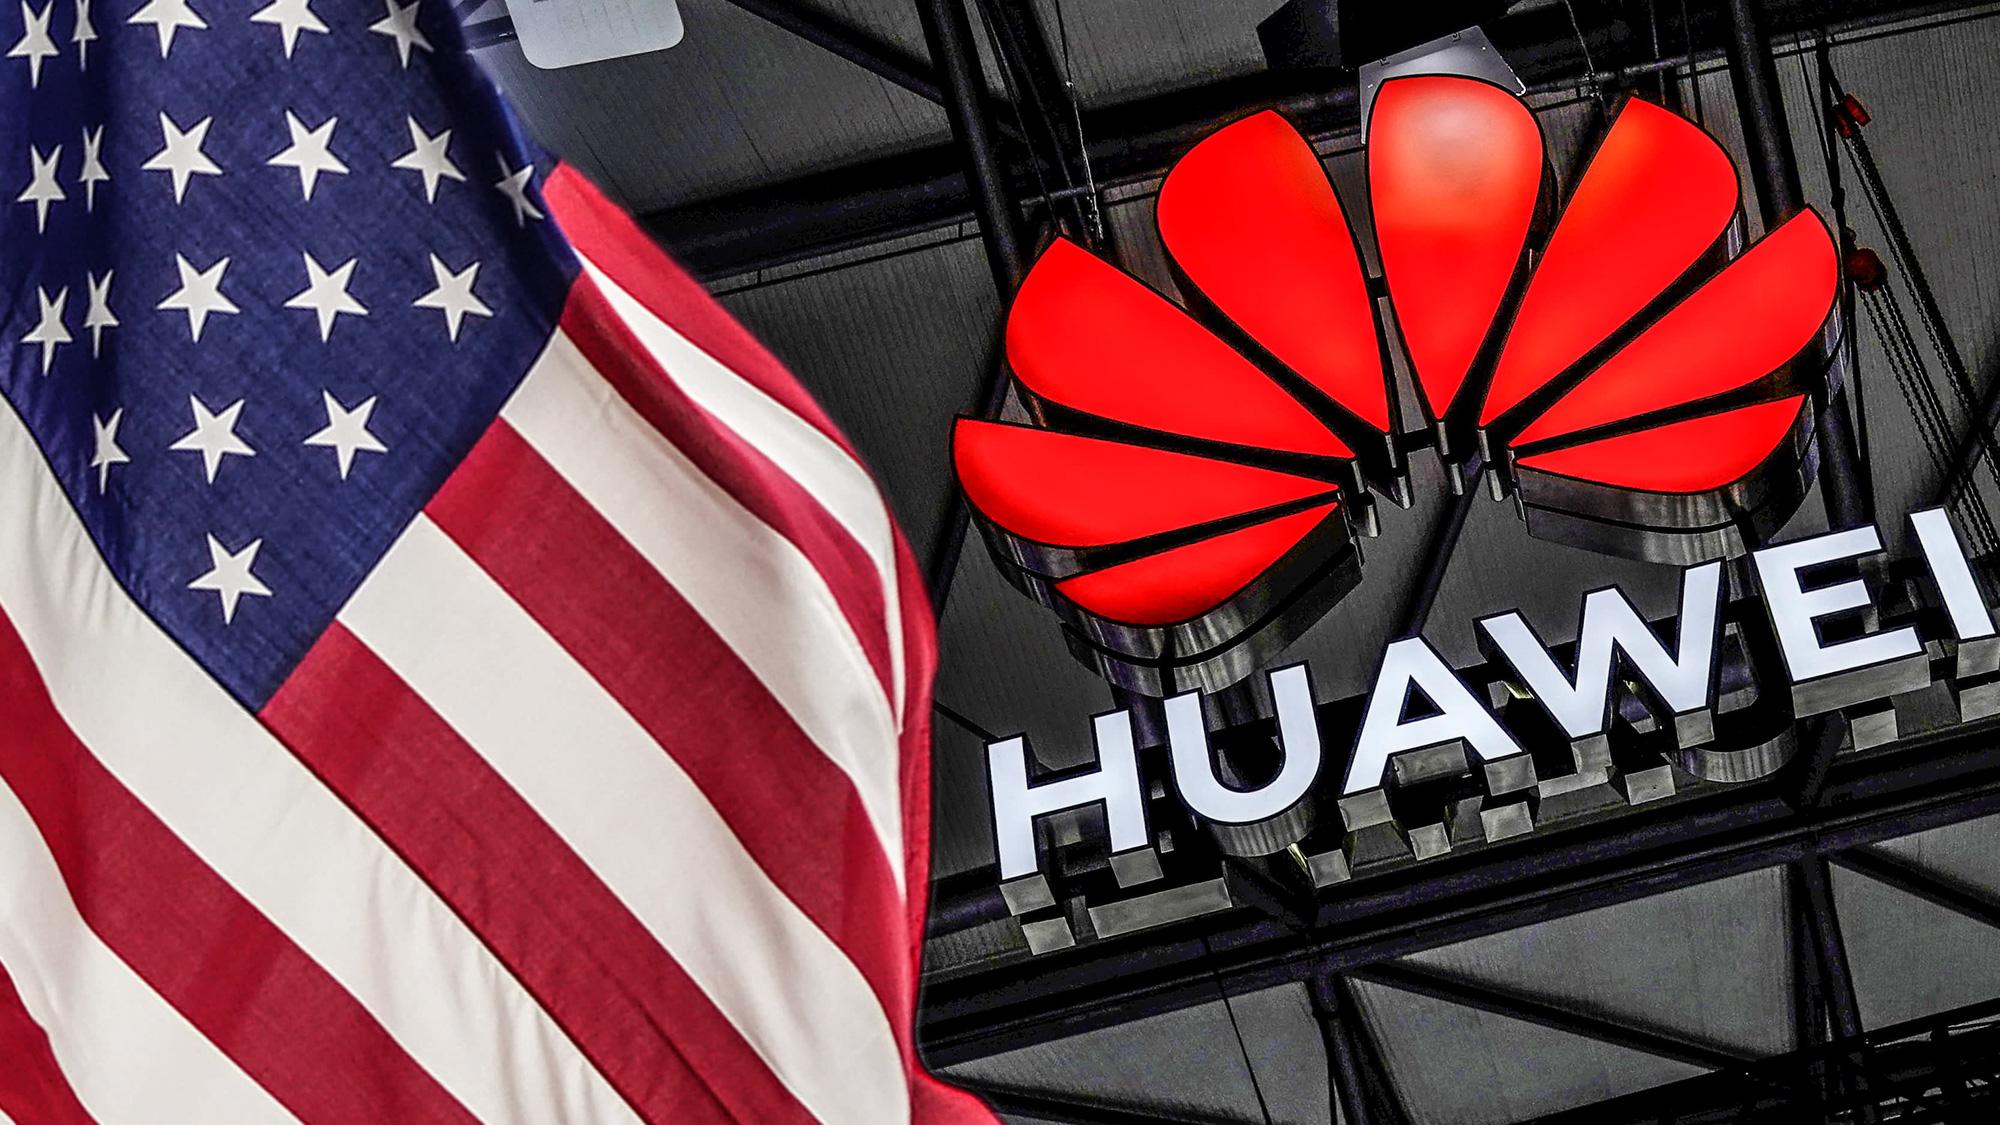 Chủ tịch Huawei: Chính lệnh trừng phạt của Mỹ gây ra tình trạng thiếu chip toàn cầu - Ảnh 1.